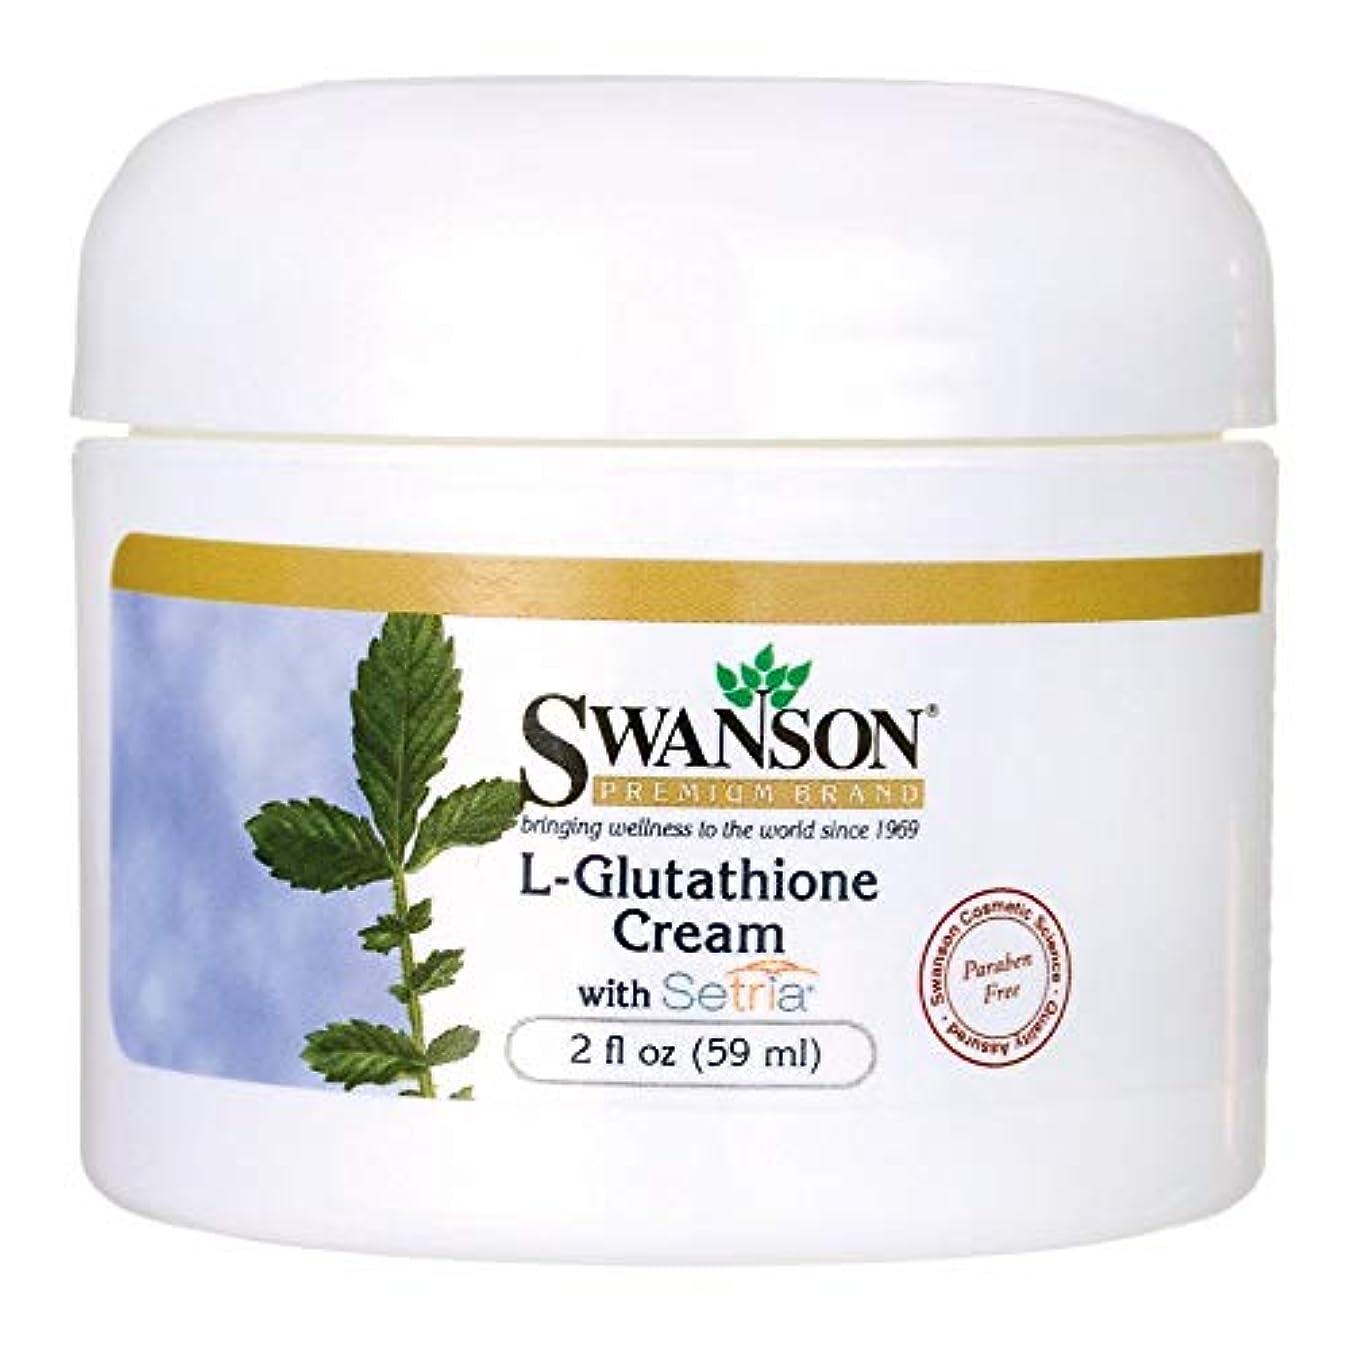 ペン熟読商標L-Glutathione Cream with Setria 2 fl oz (59 ml) Cream by Swanson Premium [並行輸入品]